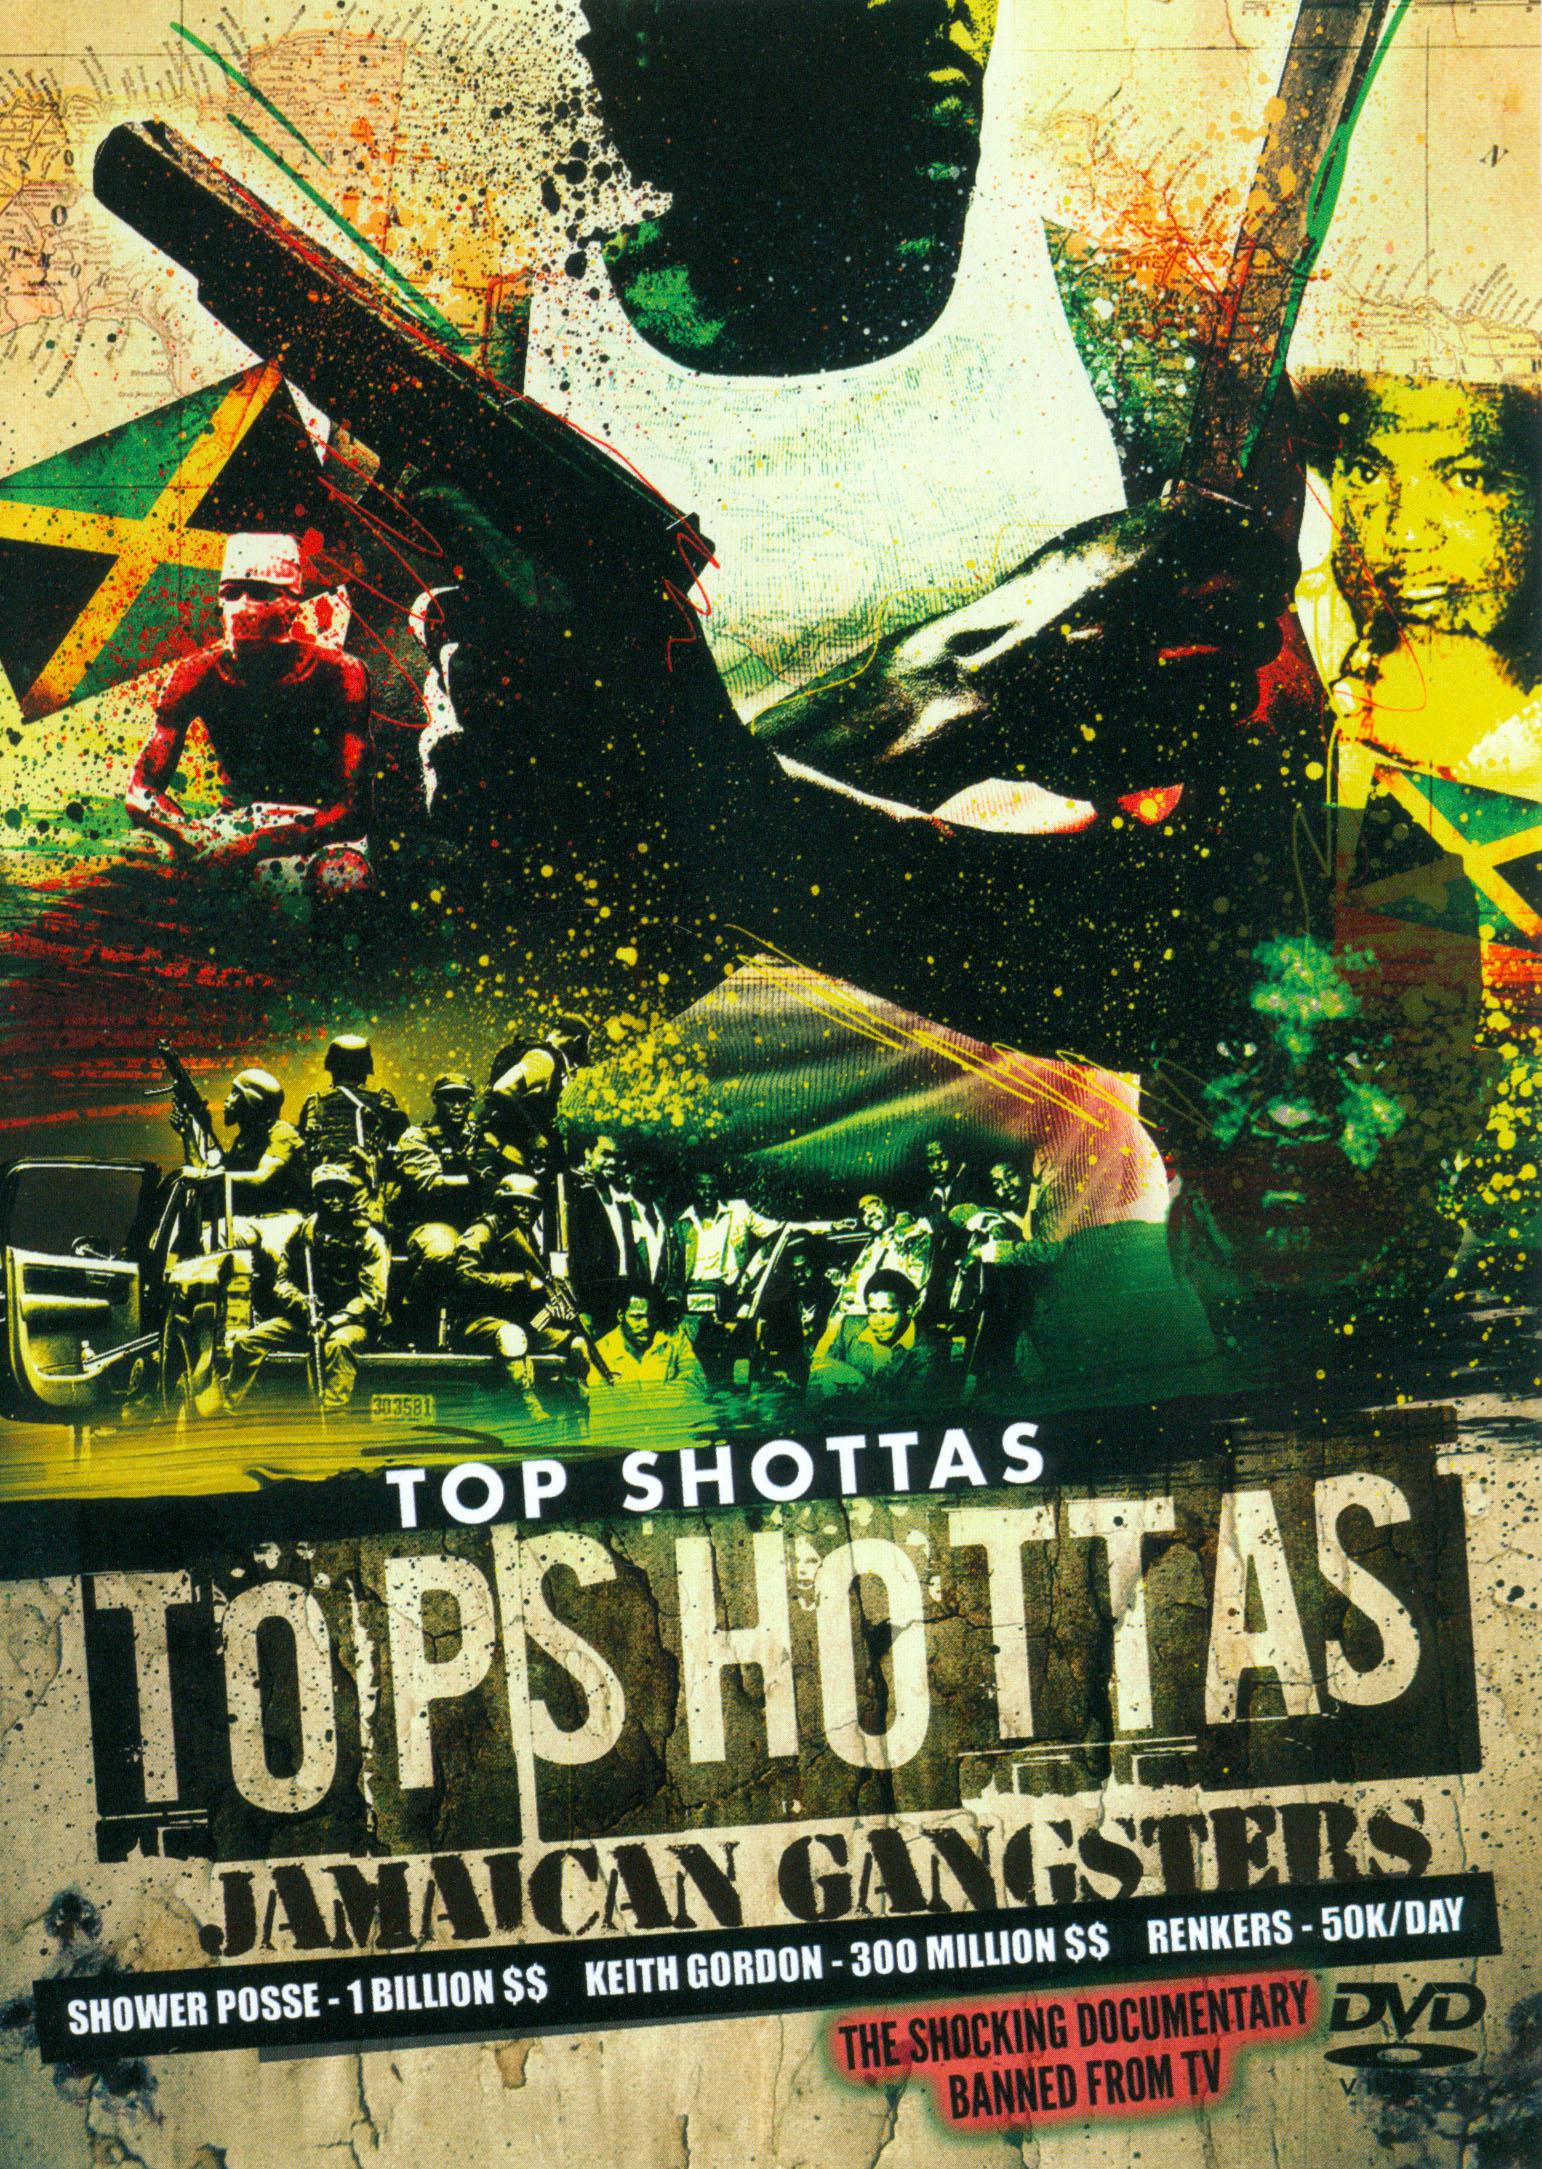 Top Shottas: Tops Hottas - Jamaican Gangsters